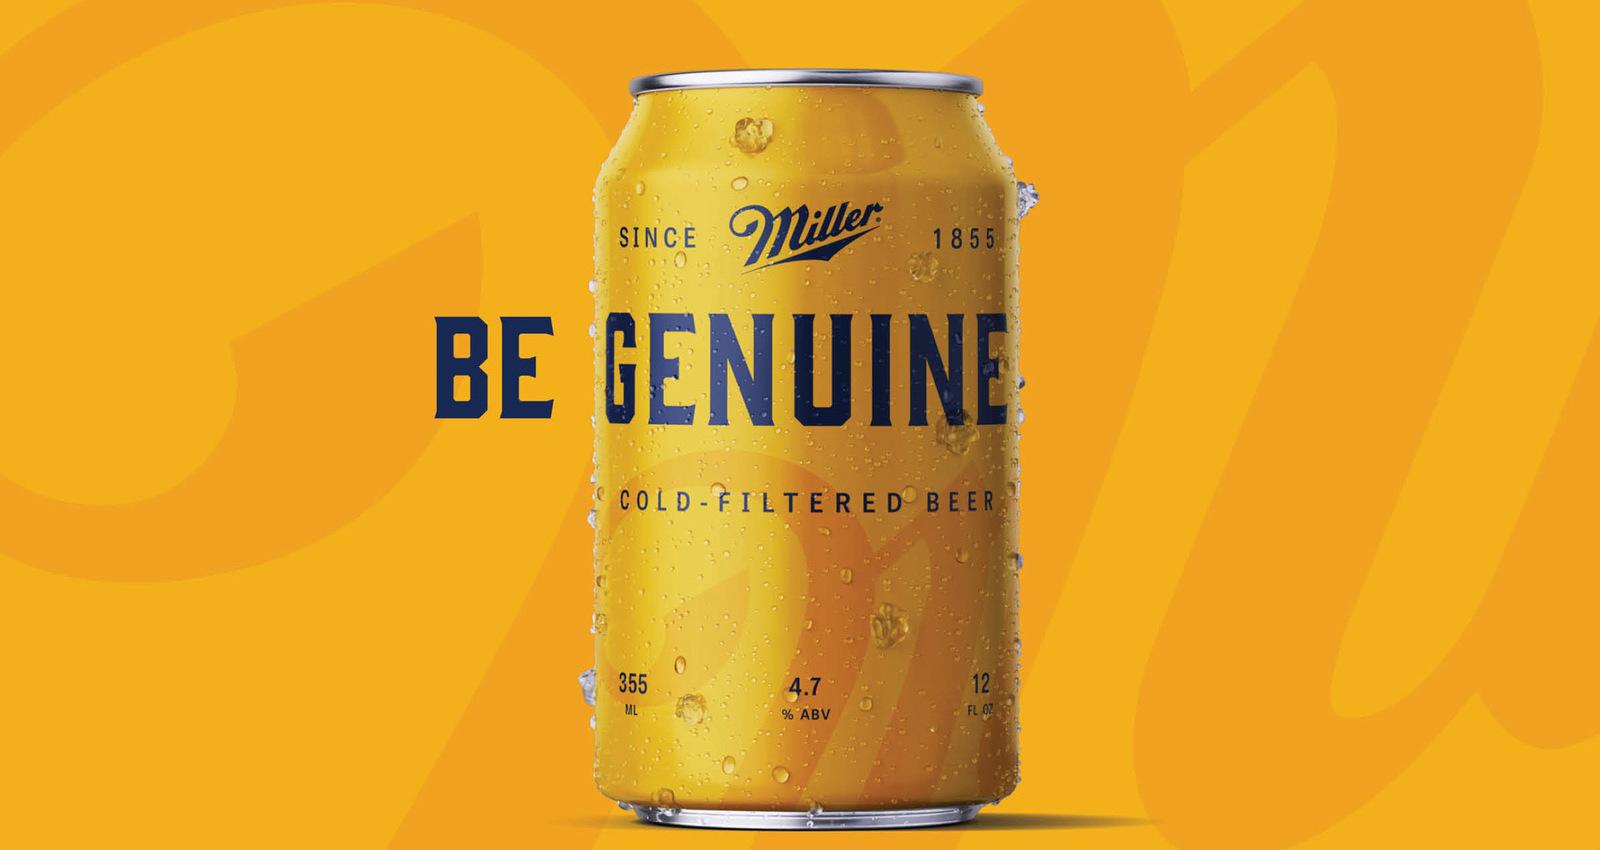 Miller Genuine - Beer for Genuine People